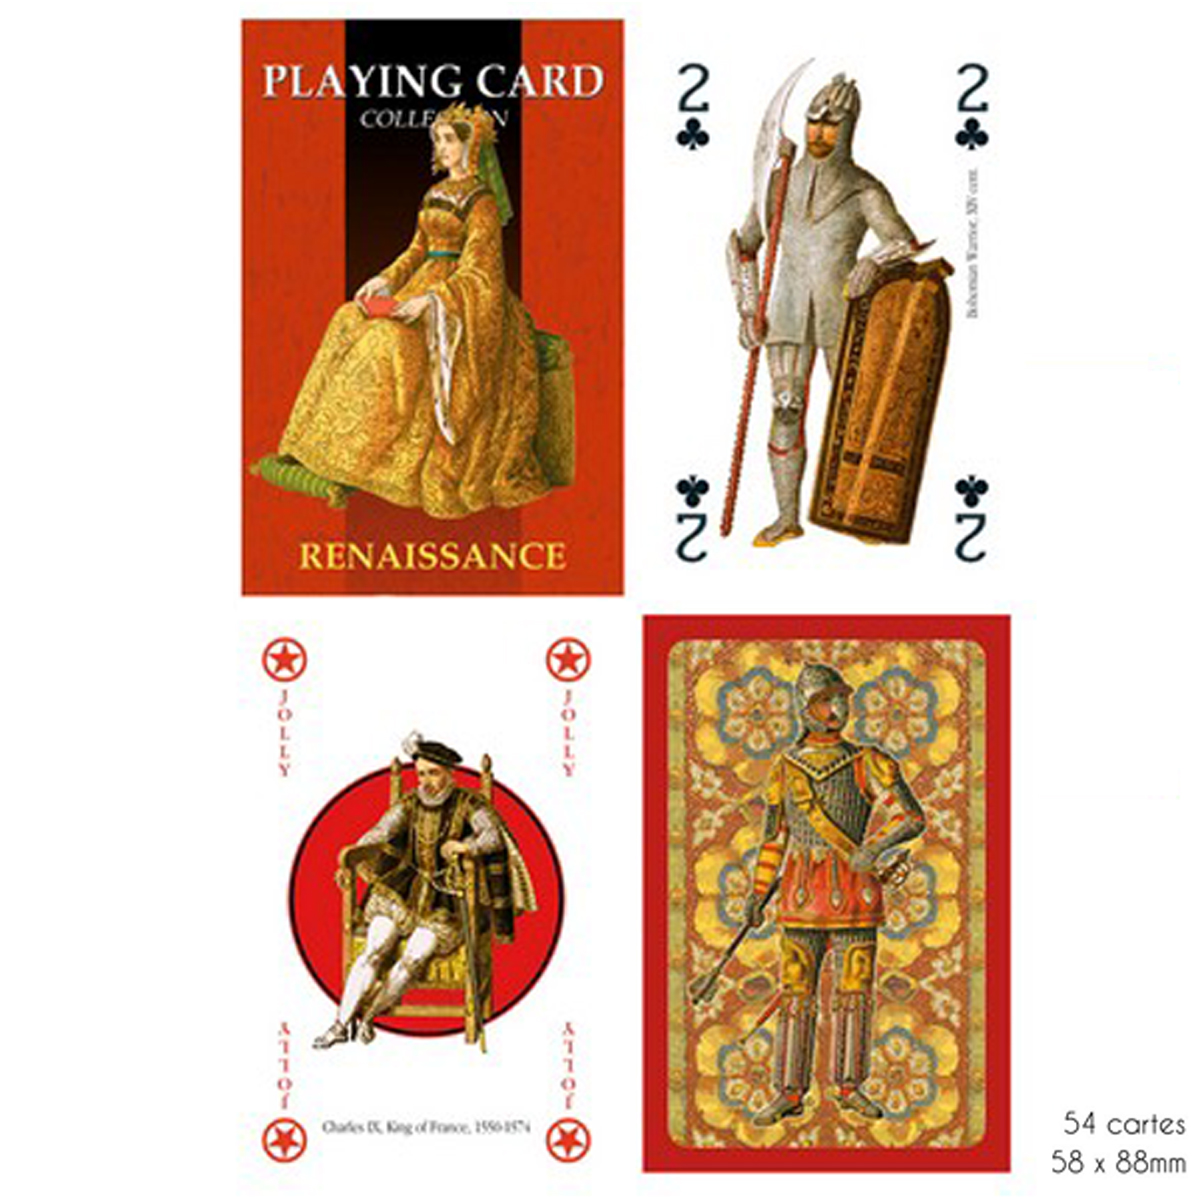 Jeu de cartes Créateur \'Renaissance\' rouge - 9x6x2 cm - [A2970]